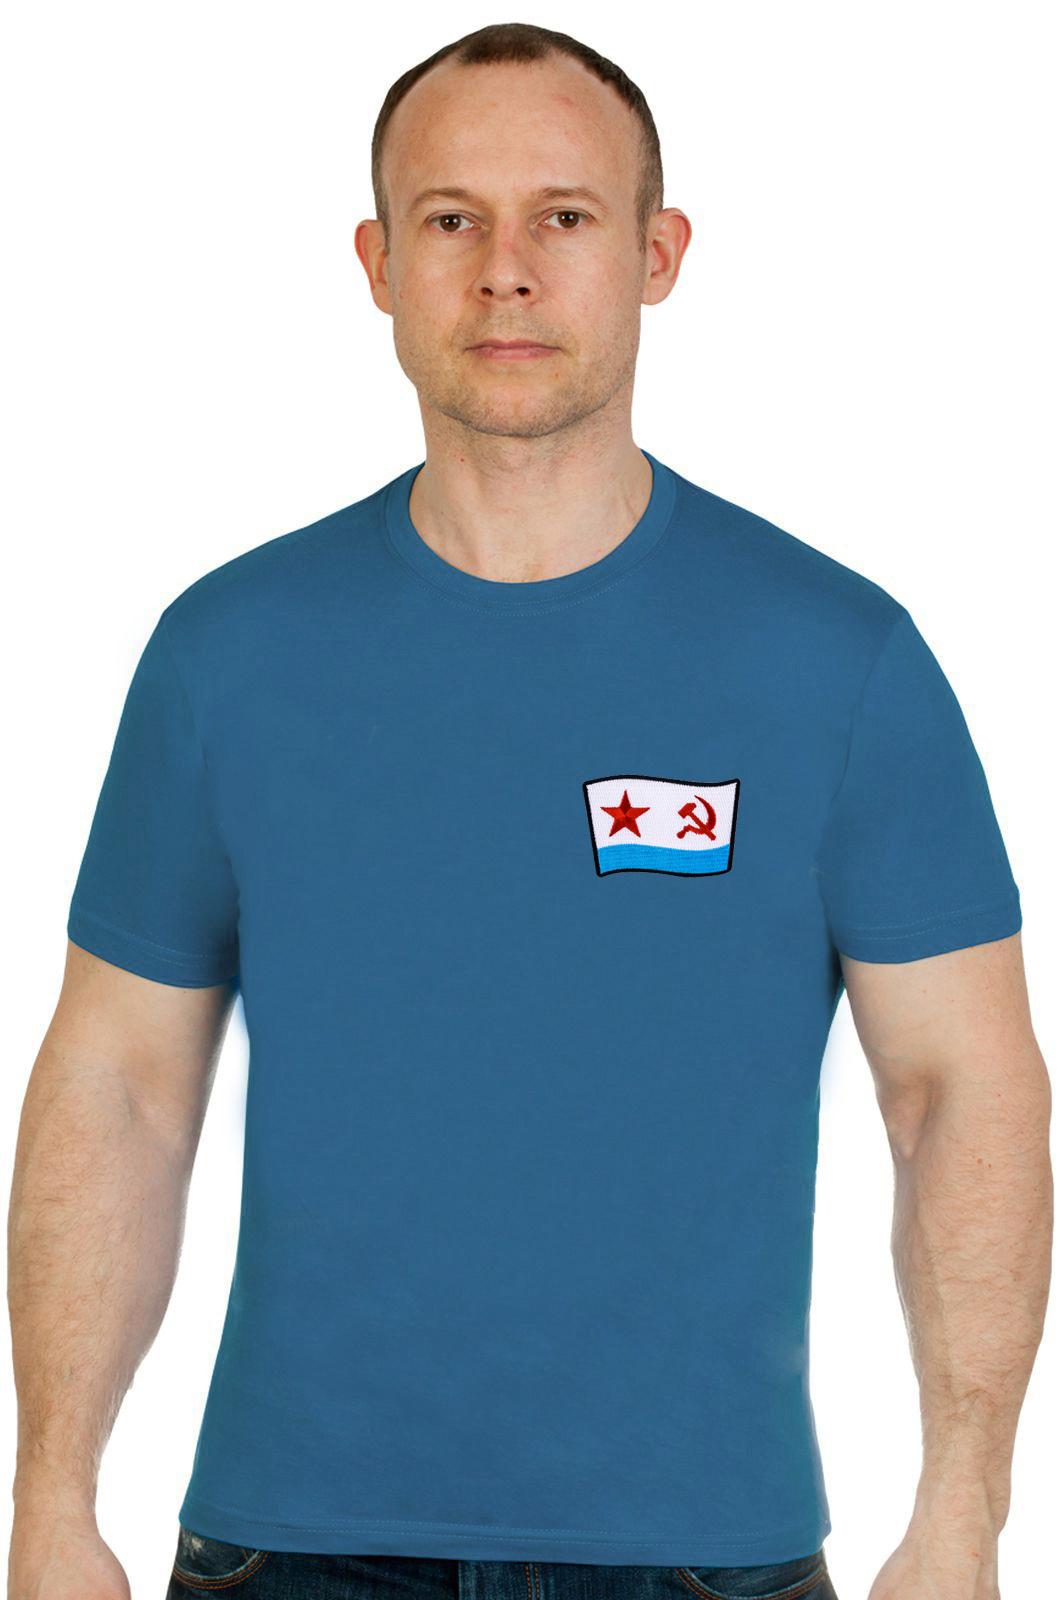 Недорогая хлопковая футболка ВМФ СССР